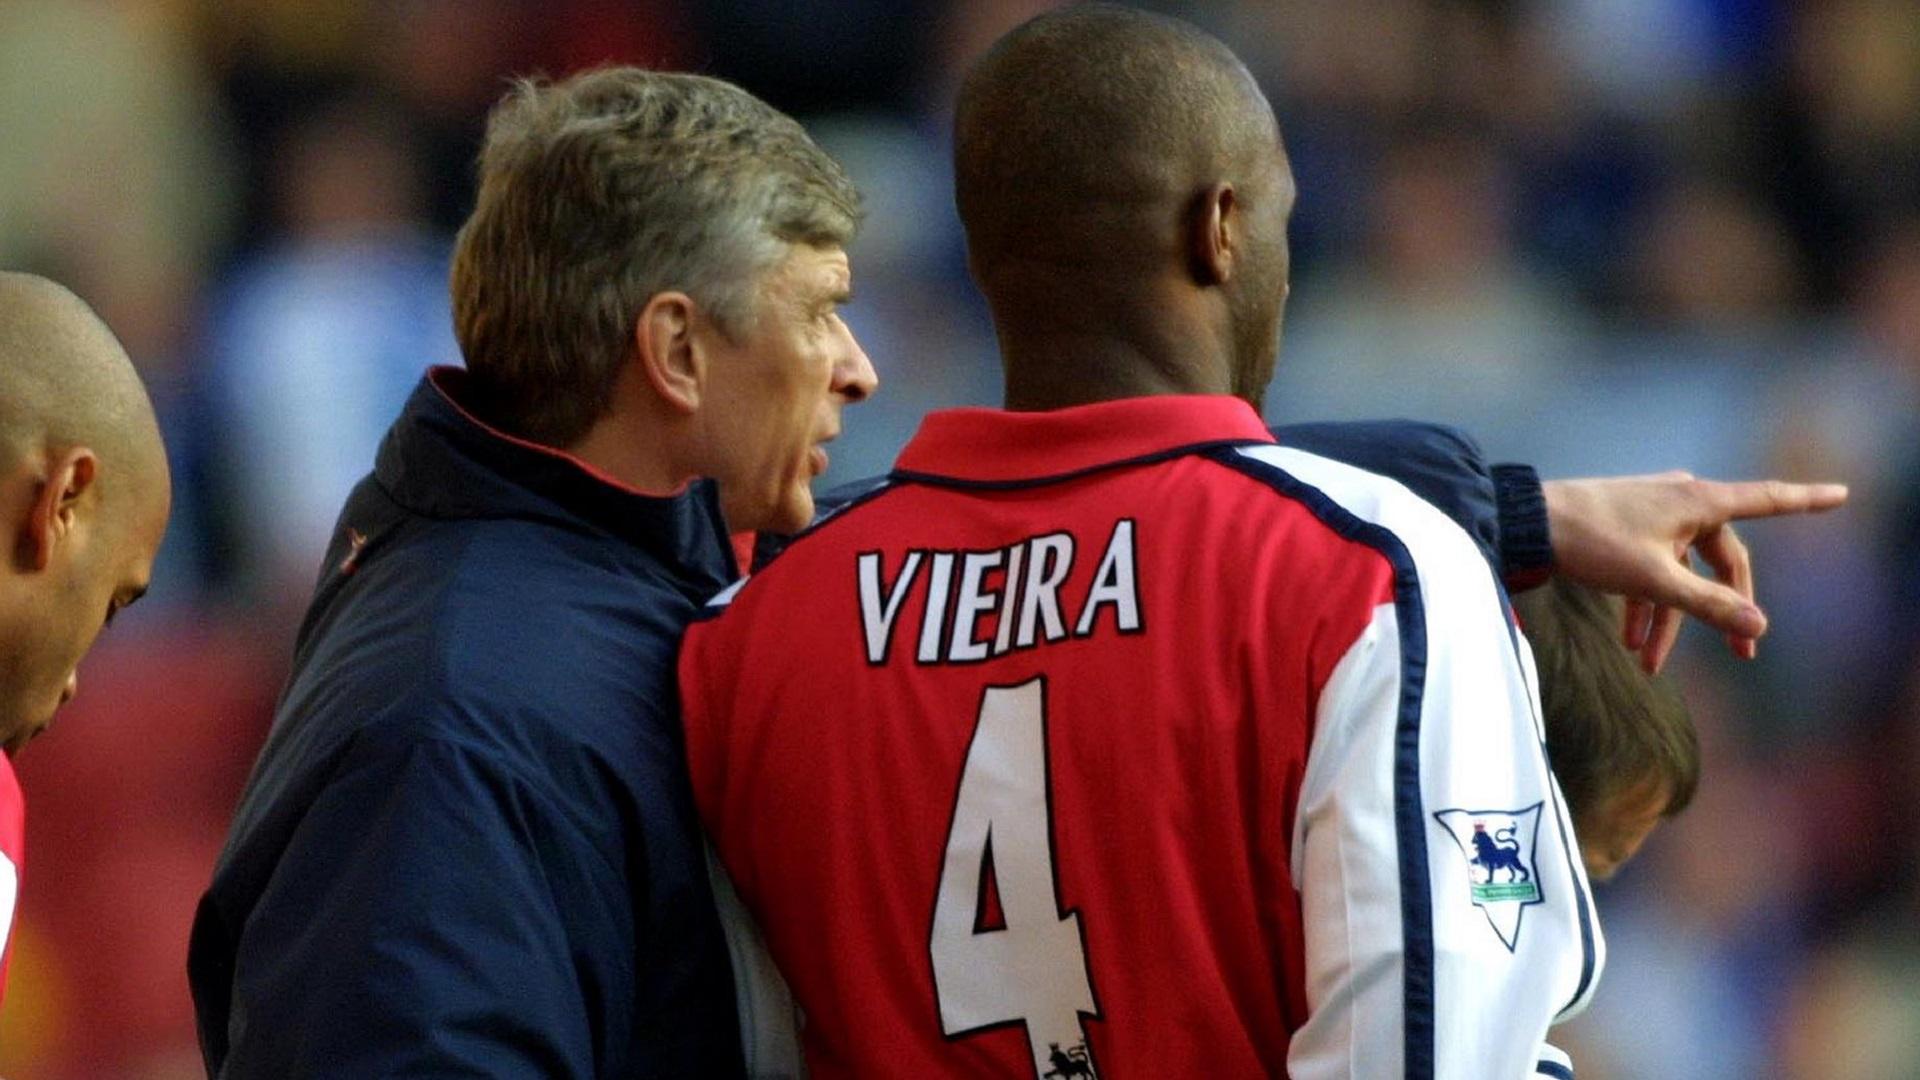 2018-04-20 2001 Vieira Wenger